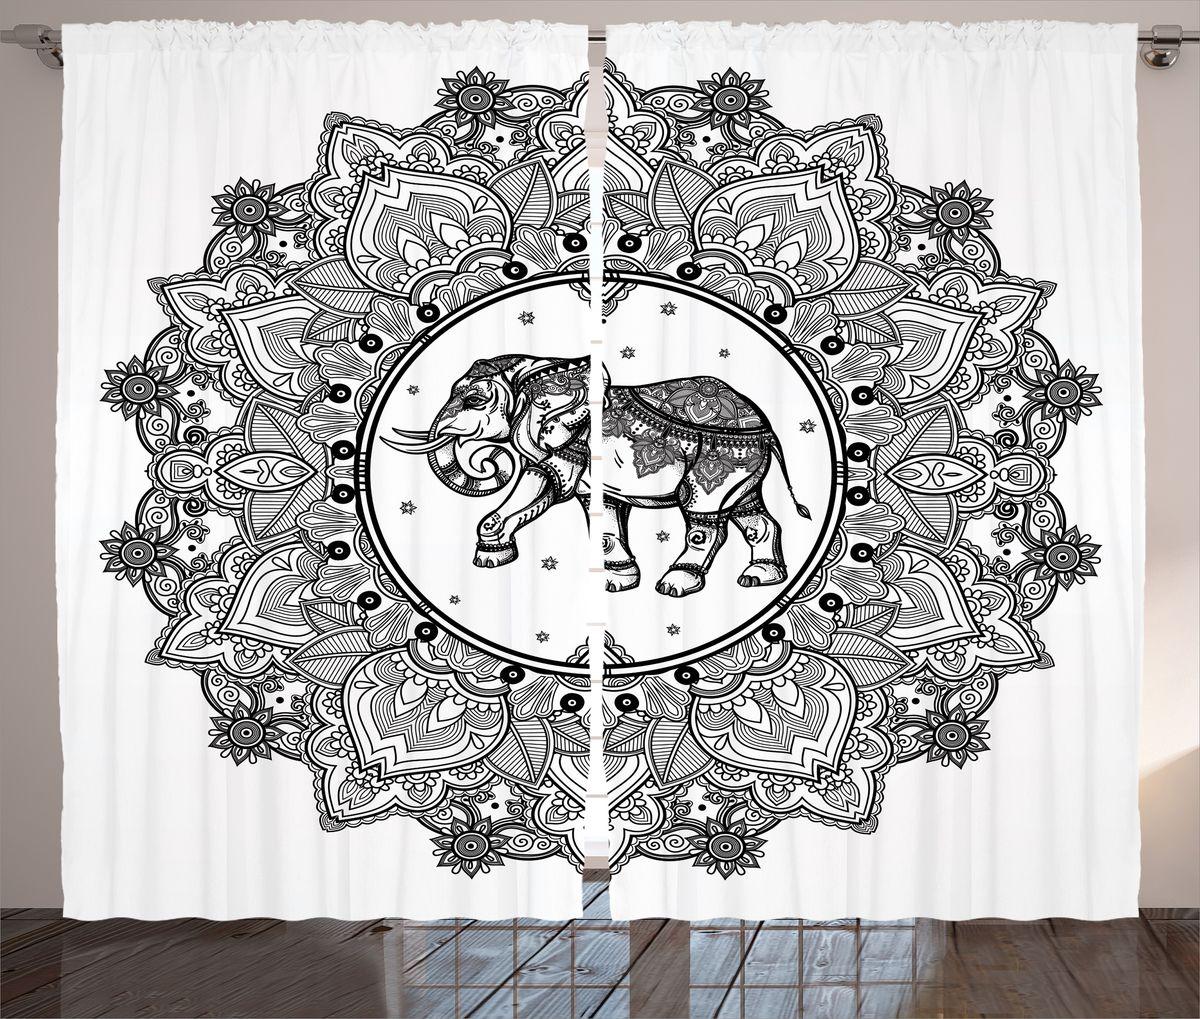 Комплект фотоштор Magic Lady, на ленте, высота 265 см. шсг_16086шсг_16086Компания Сэмболь изготавливает шторы из высококачественного сатена (полиэстер 100%). При изготовлении используются специальные гипоаллергенные чернила для прямой печати по ткани, безопасные для человека и животных. Экологичность продукции Magic lady и безопасность для окружающей среды подтверждены сертификатом Oeko-Tex Standard 100. Крепление: крючки для крепления на шторной ленте (50 шт). Возможно крепление на трубу. Внимание! При нанесении сублимационной печати на ткань технологическим методом при температуре 240°С, возможно отклонение полученных размеров (указанных на этикетке и сайте) от стандартных на + - 3-5 см. Производитель старается максимально точно передать цвета изделия на фотографиях, однако искажения неизбежны и фактический цвет изделия может отличаться от воспринимаемого по фото. Обратите внимание! Шторы изготовлены из полиэстра сатенового переплетения, а не из сатина (хлопок). Размер одного полотна шторы: 145х265 см. В комплекте 2...